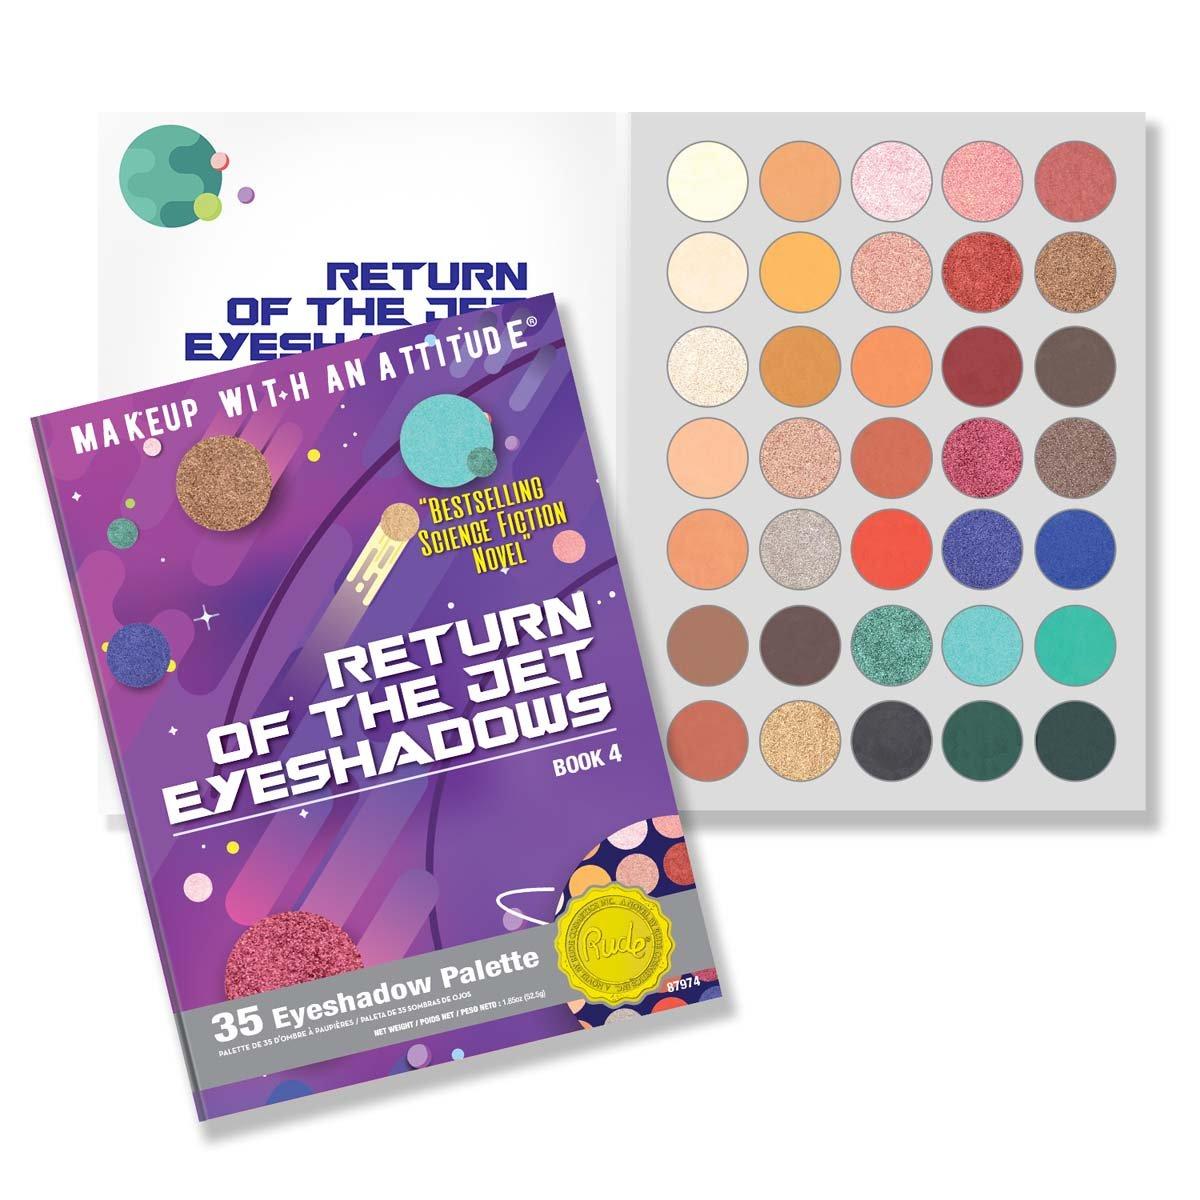 (6 Pack) RUDE Return Of The Jet Eyeshadows 35 Eyeshadow Palette - Book 4 (並行輸入品) B07BP7N6HM